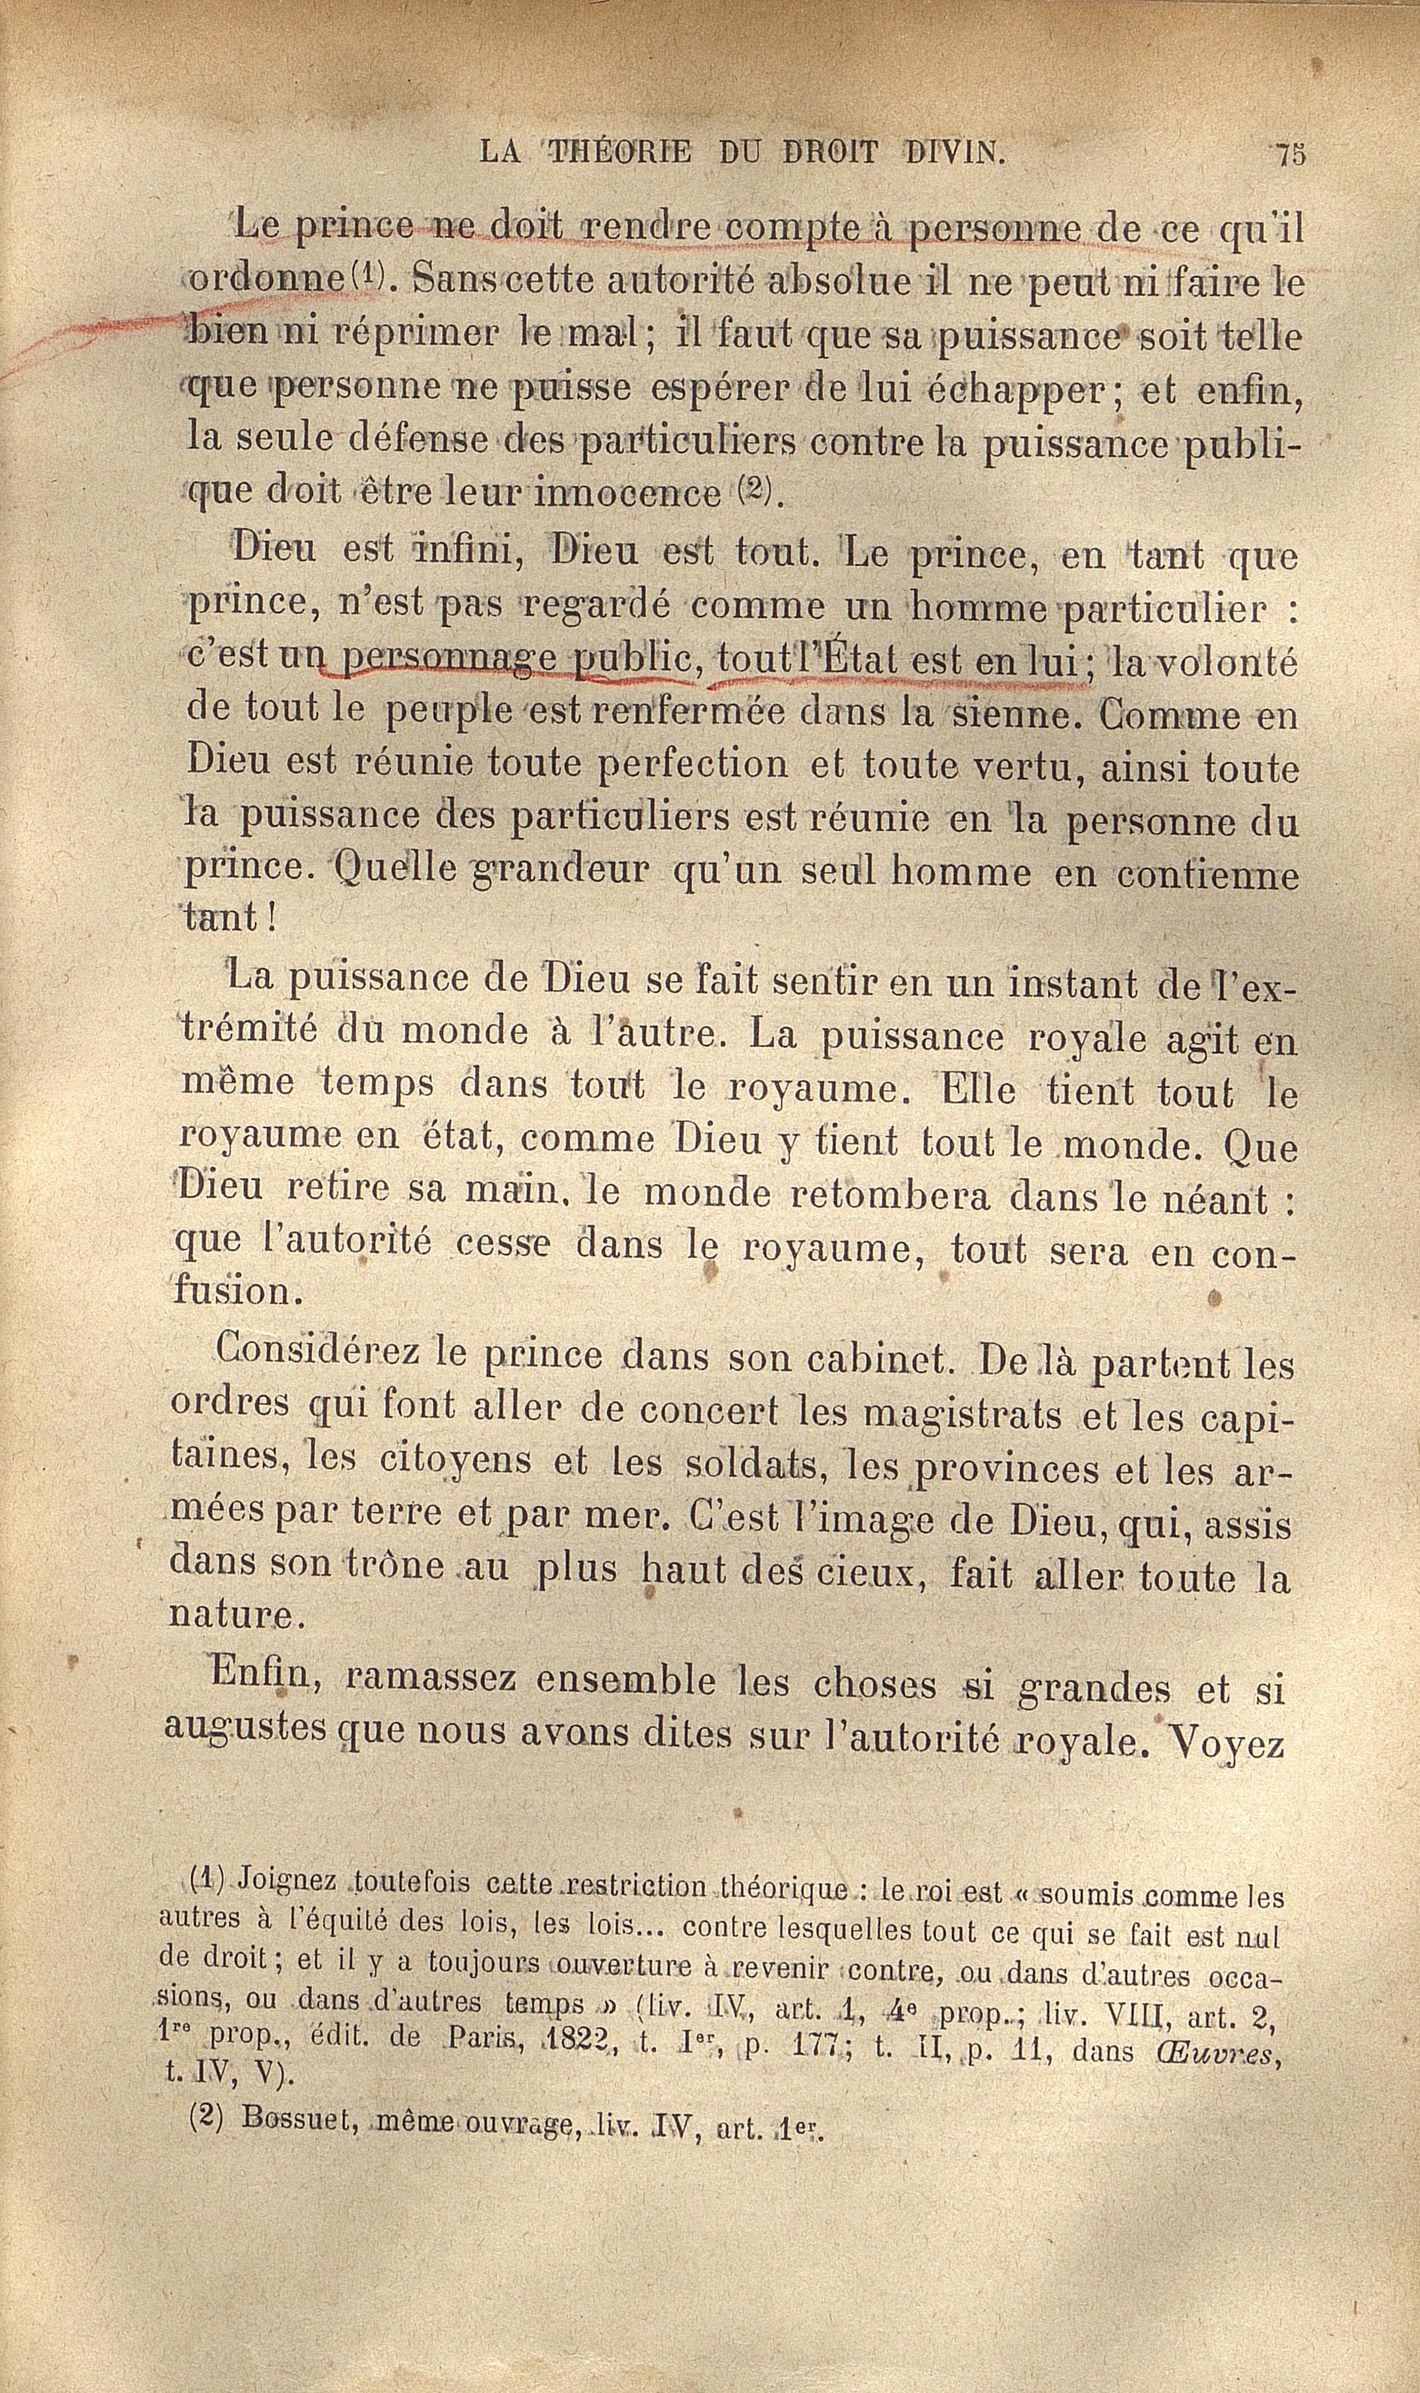 http://expo-paulviollet.univ-paris1.fr/wp-content/uploads/2016/02/0605381272_0089.jpg